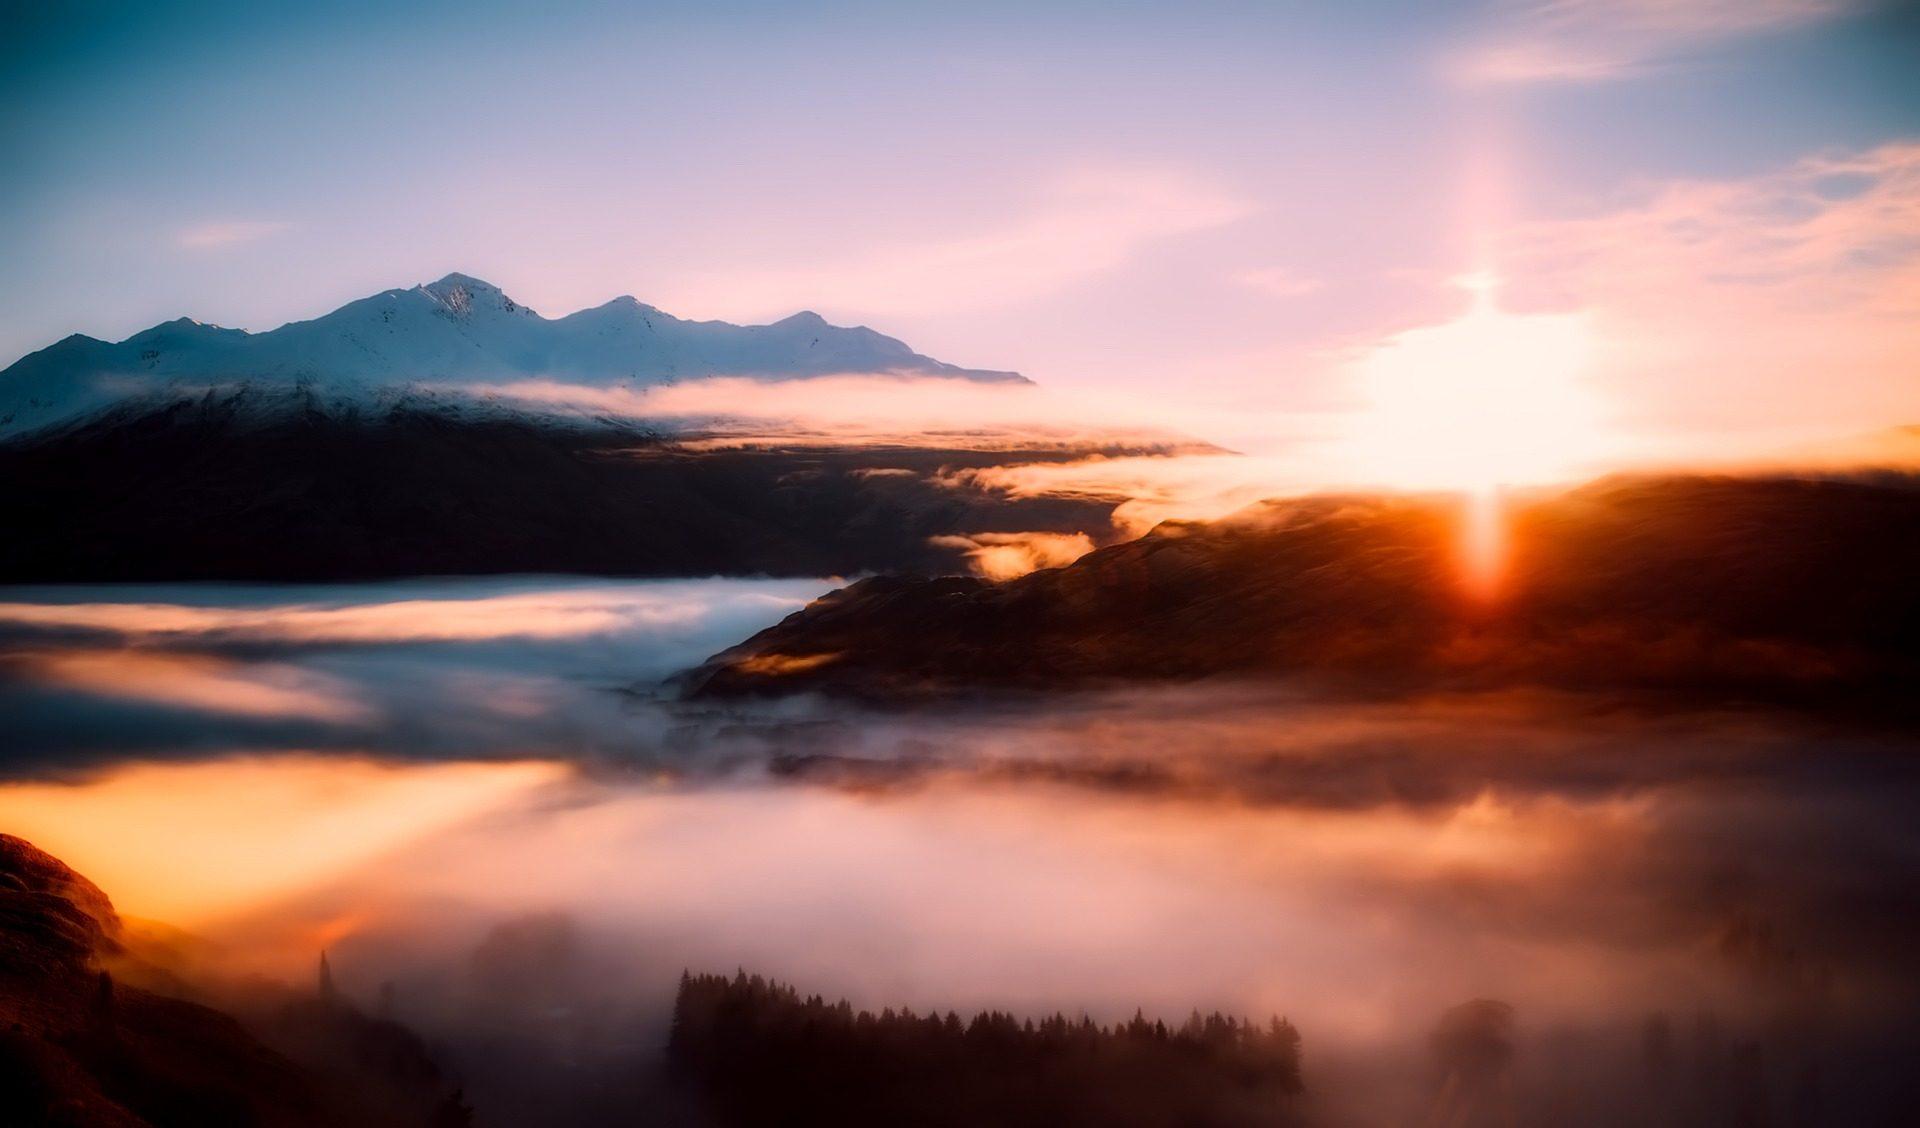 Montañas, nuages, hauteurs, Sun, rayons, neige, Nouvelle-Zélande - Fonds d'écran HD - Professor-falken.com